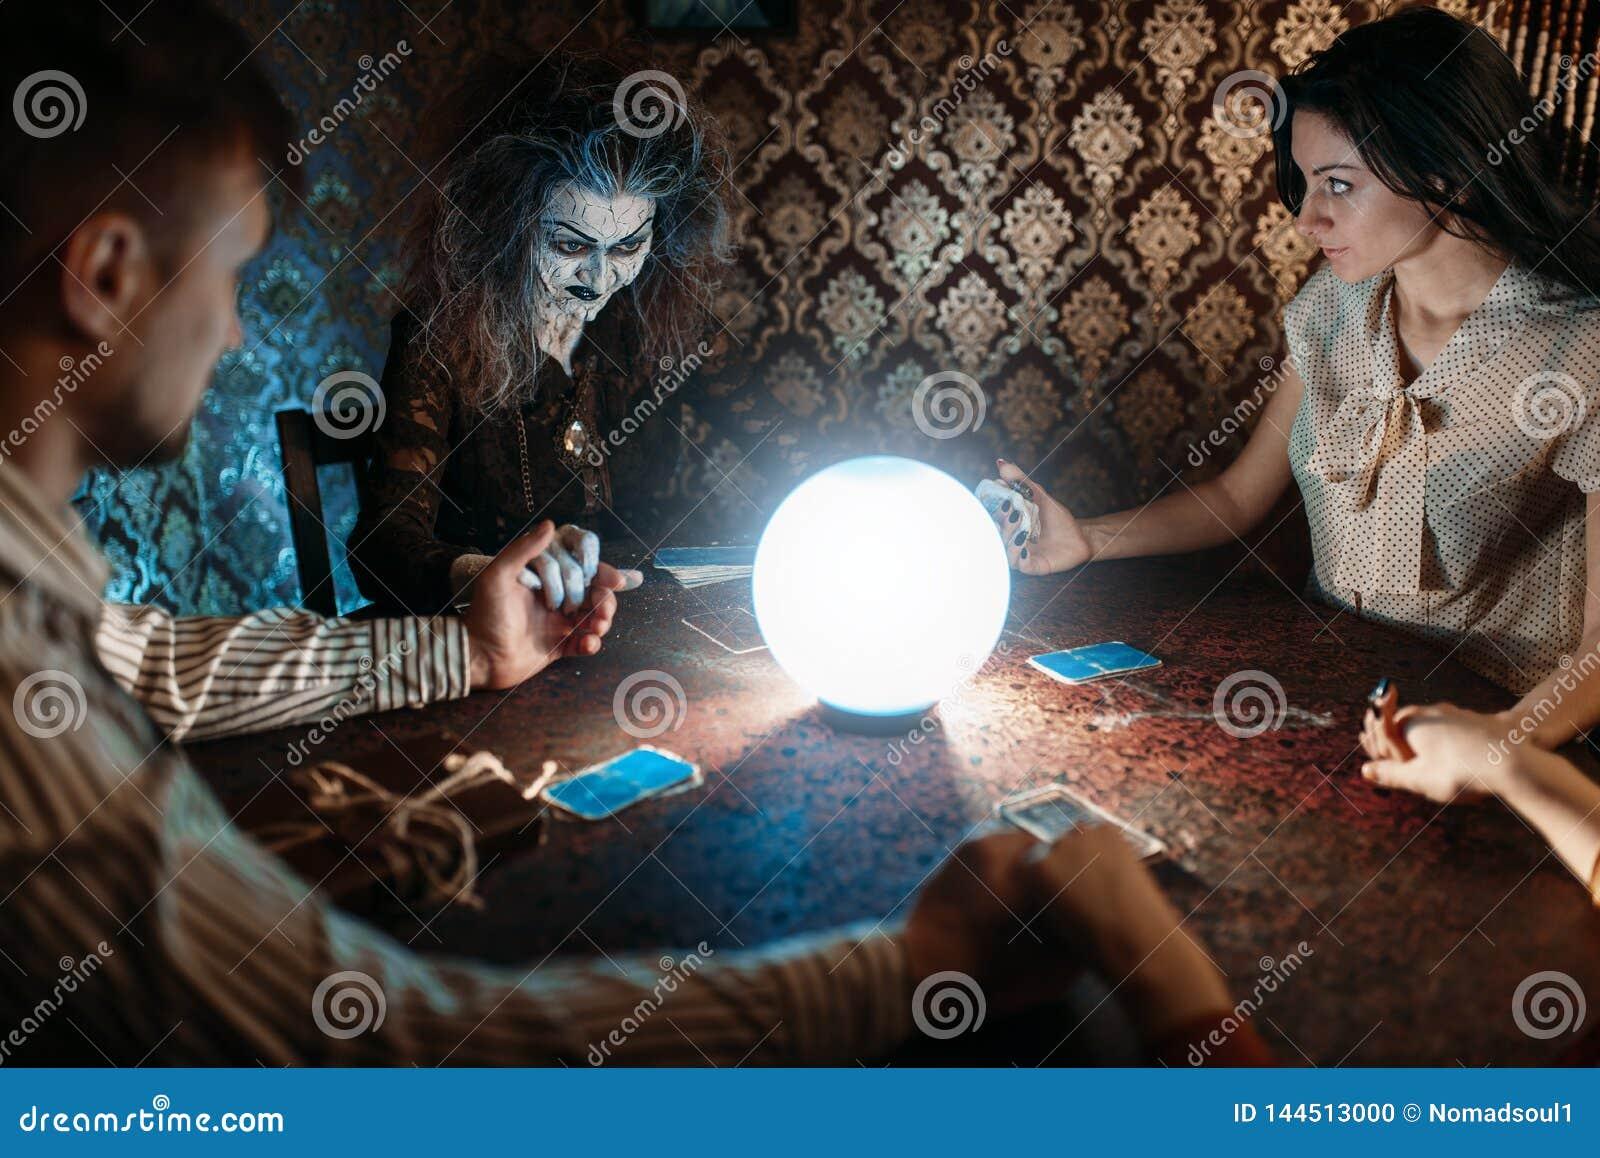 Sorcière, homme et femme sur le seance spirituel